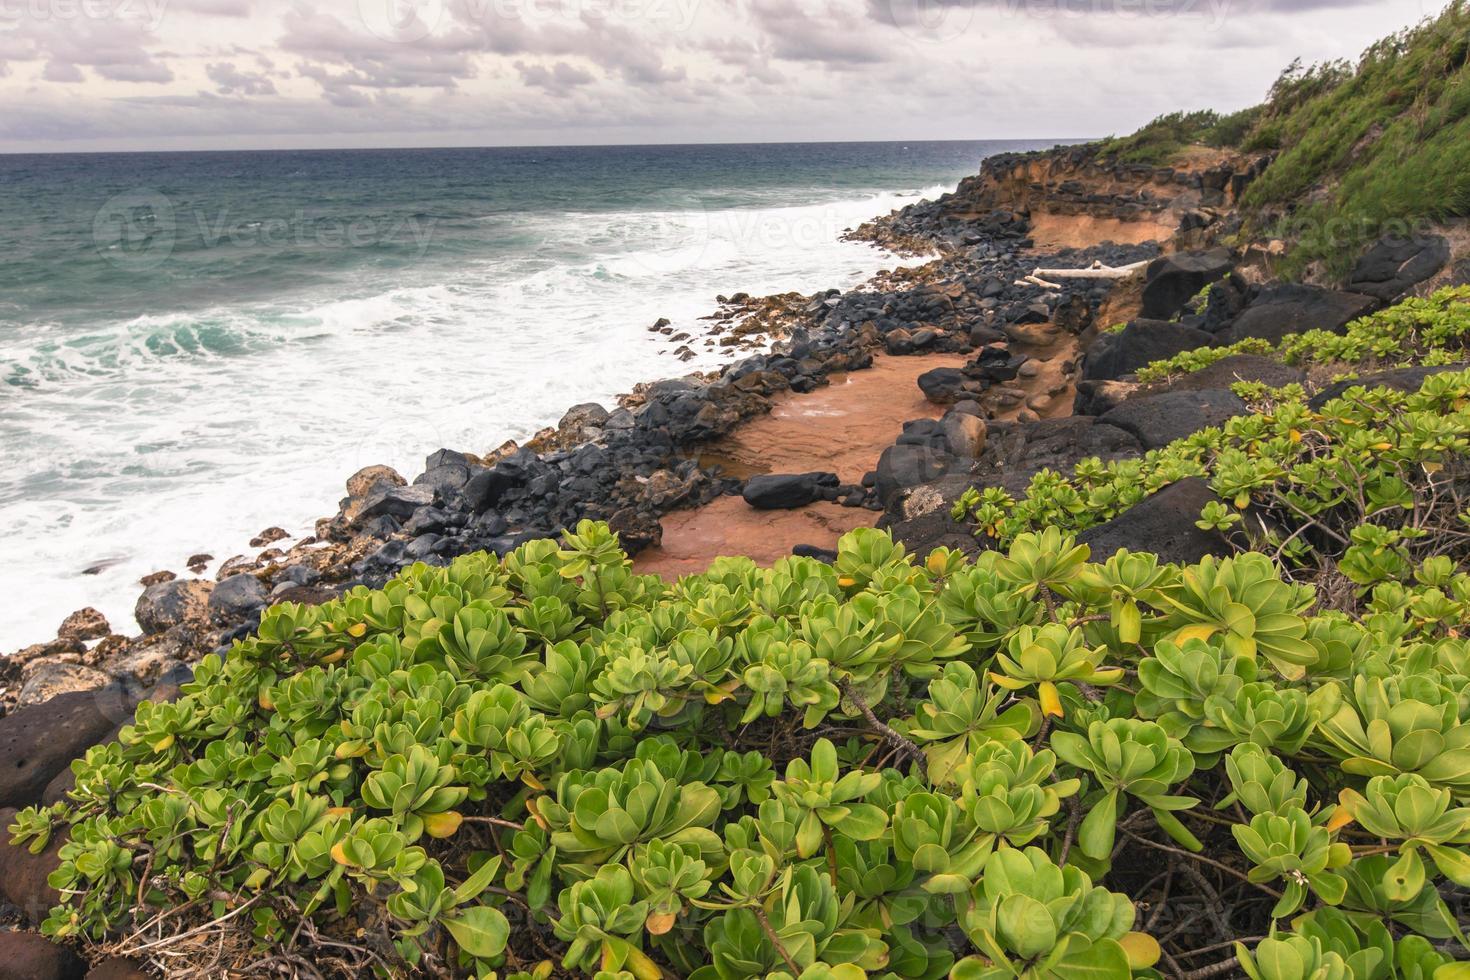 Plantas verdes en Hawaii, Estados Unidos. foto